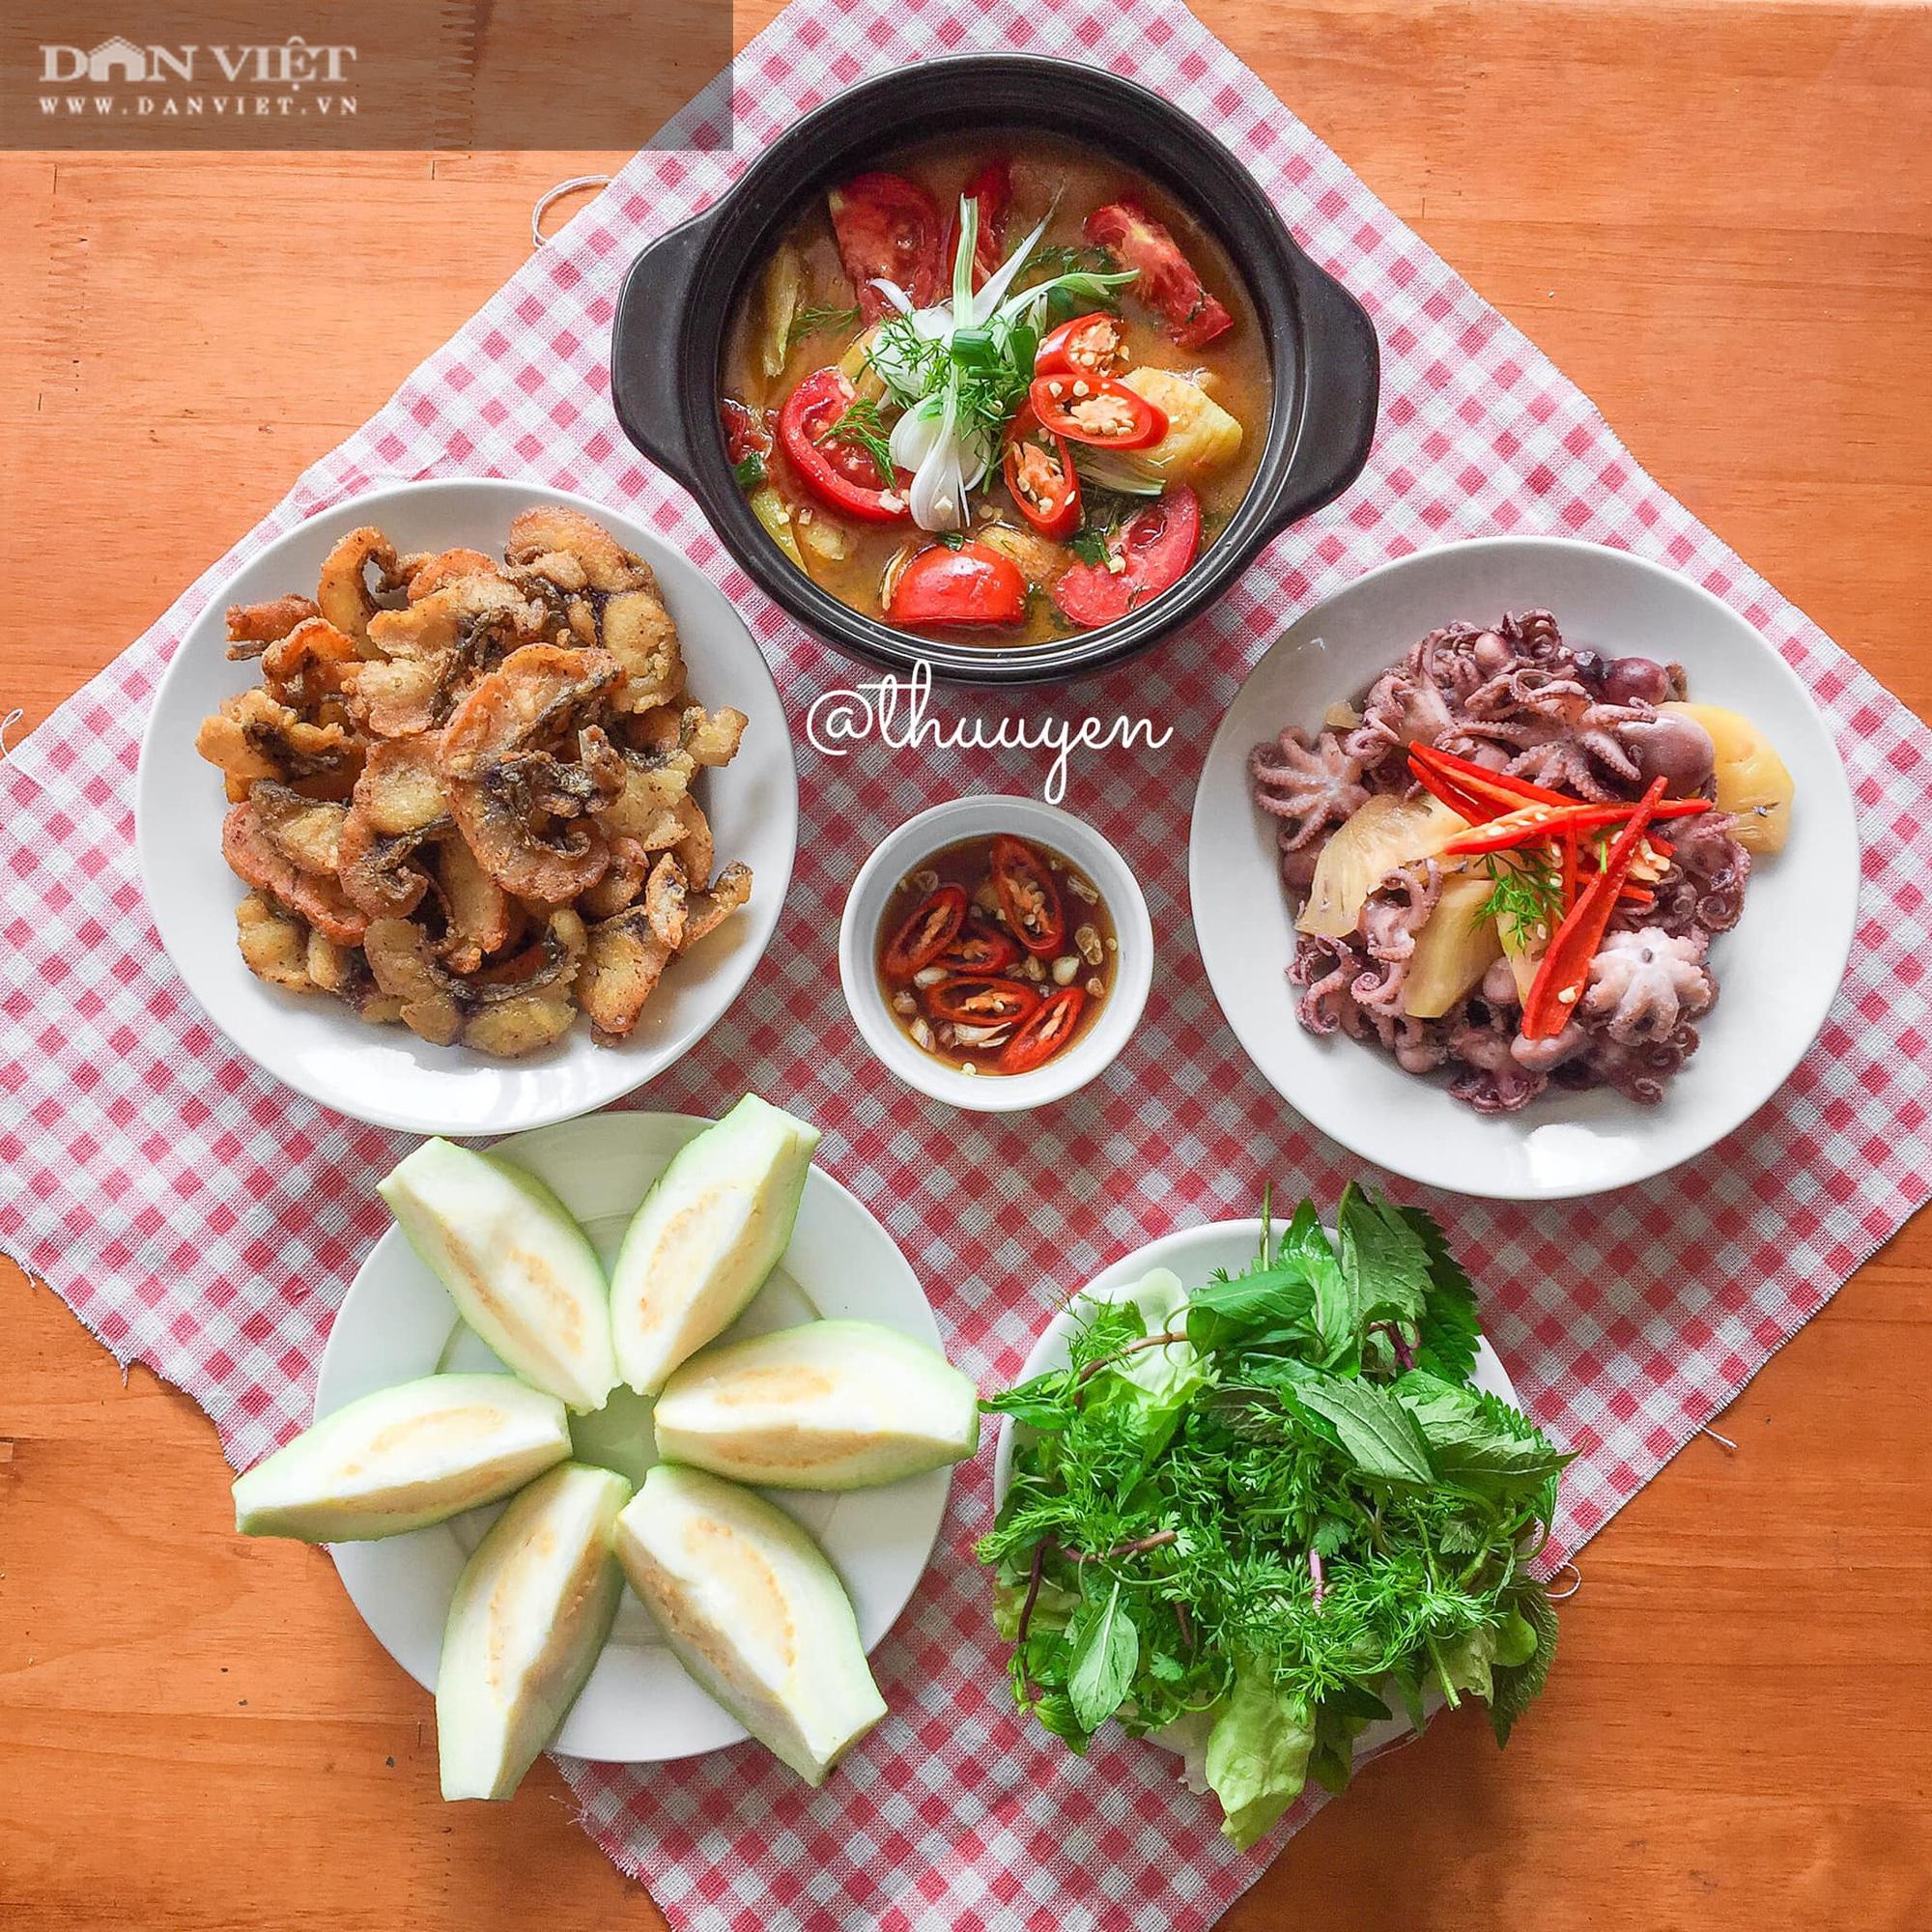 Gợi ý 9 thực đơn cho bữa cơm gia đình xua tan cái nóng của mùa hè - Ảnh 7.